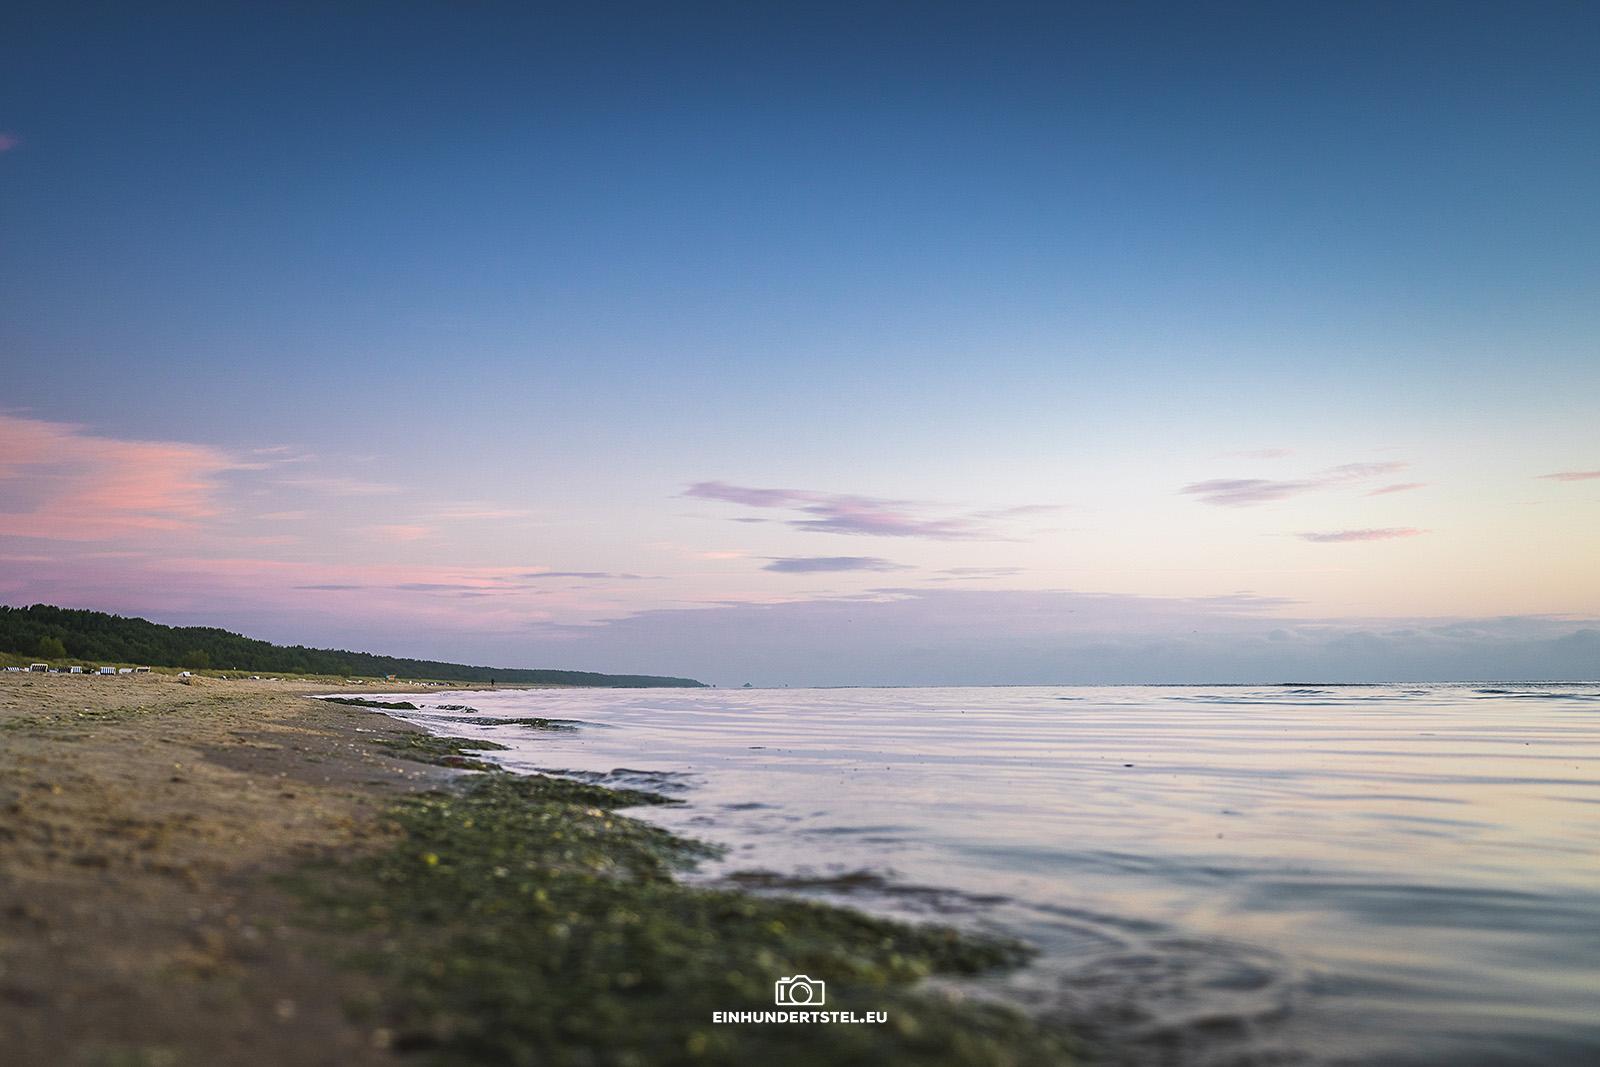 Sonnenaufgang am Strand von Karlsgagen. Rechts das Meer, links Strand. In der Mitte trennt ein Streifen von Seegras.